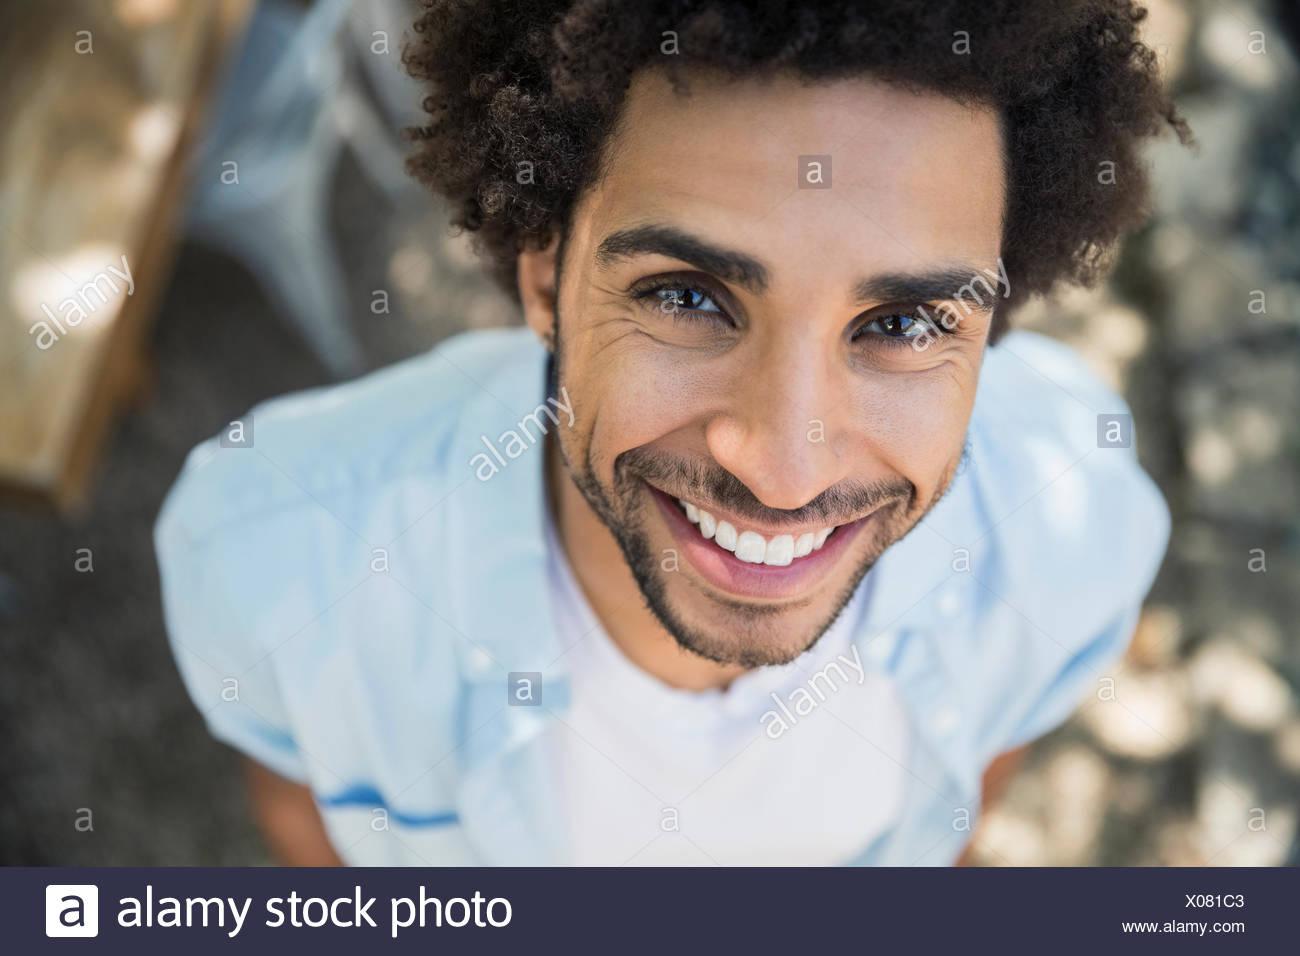 High angle portrait smiling man cheveux bouclés Photo Stock